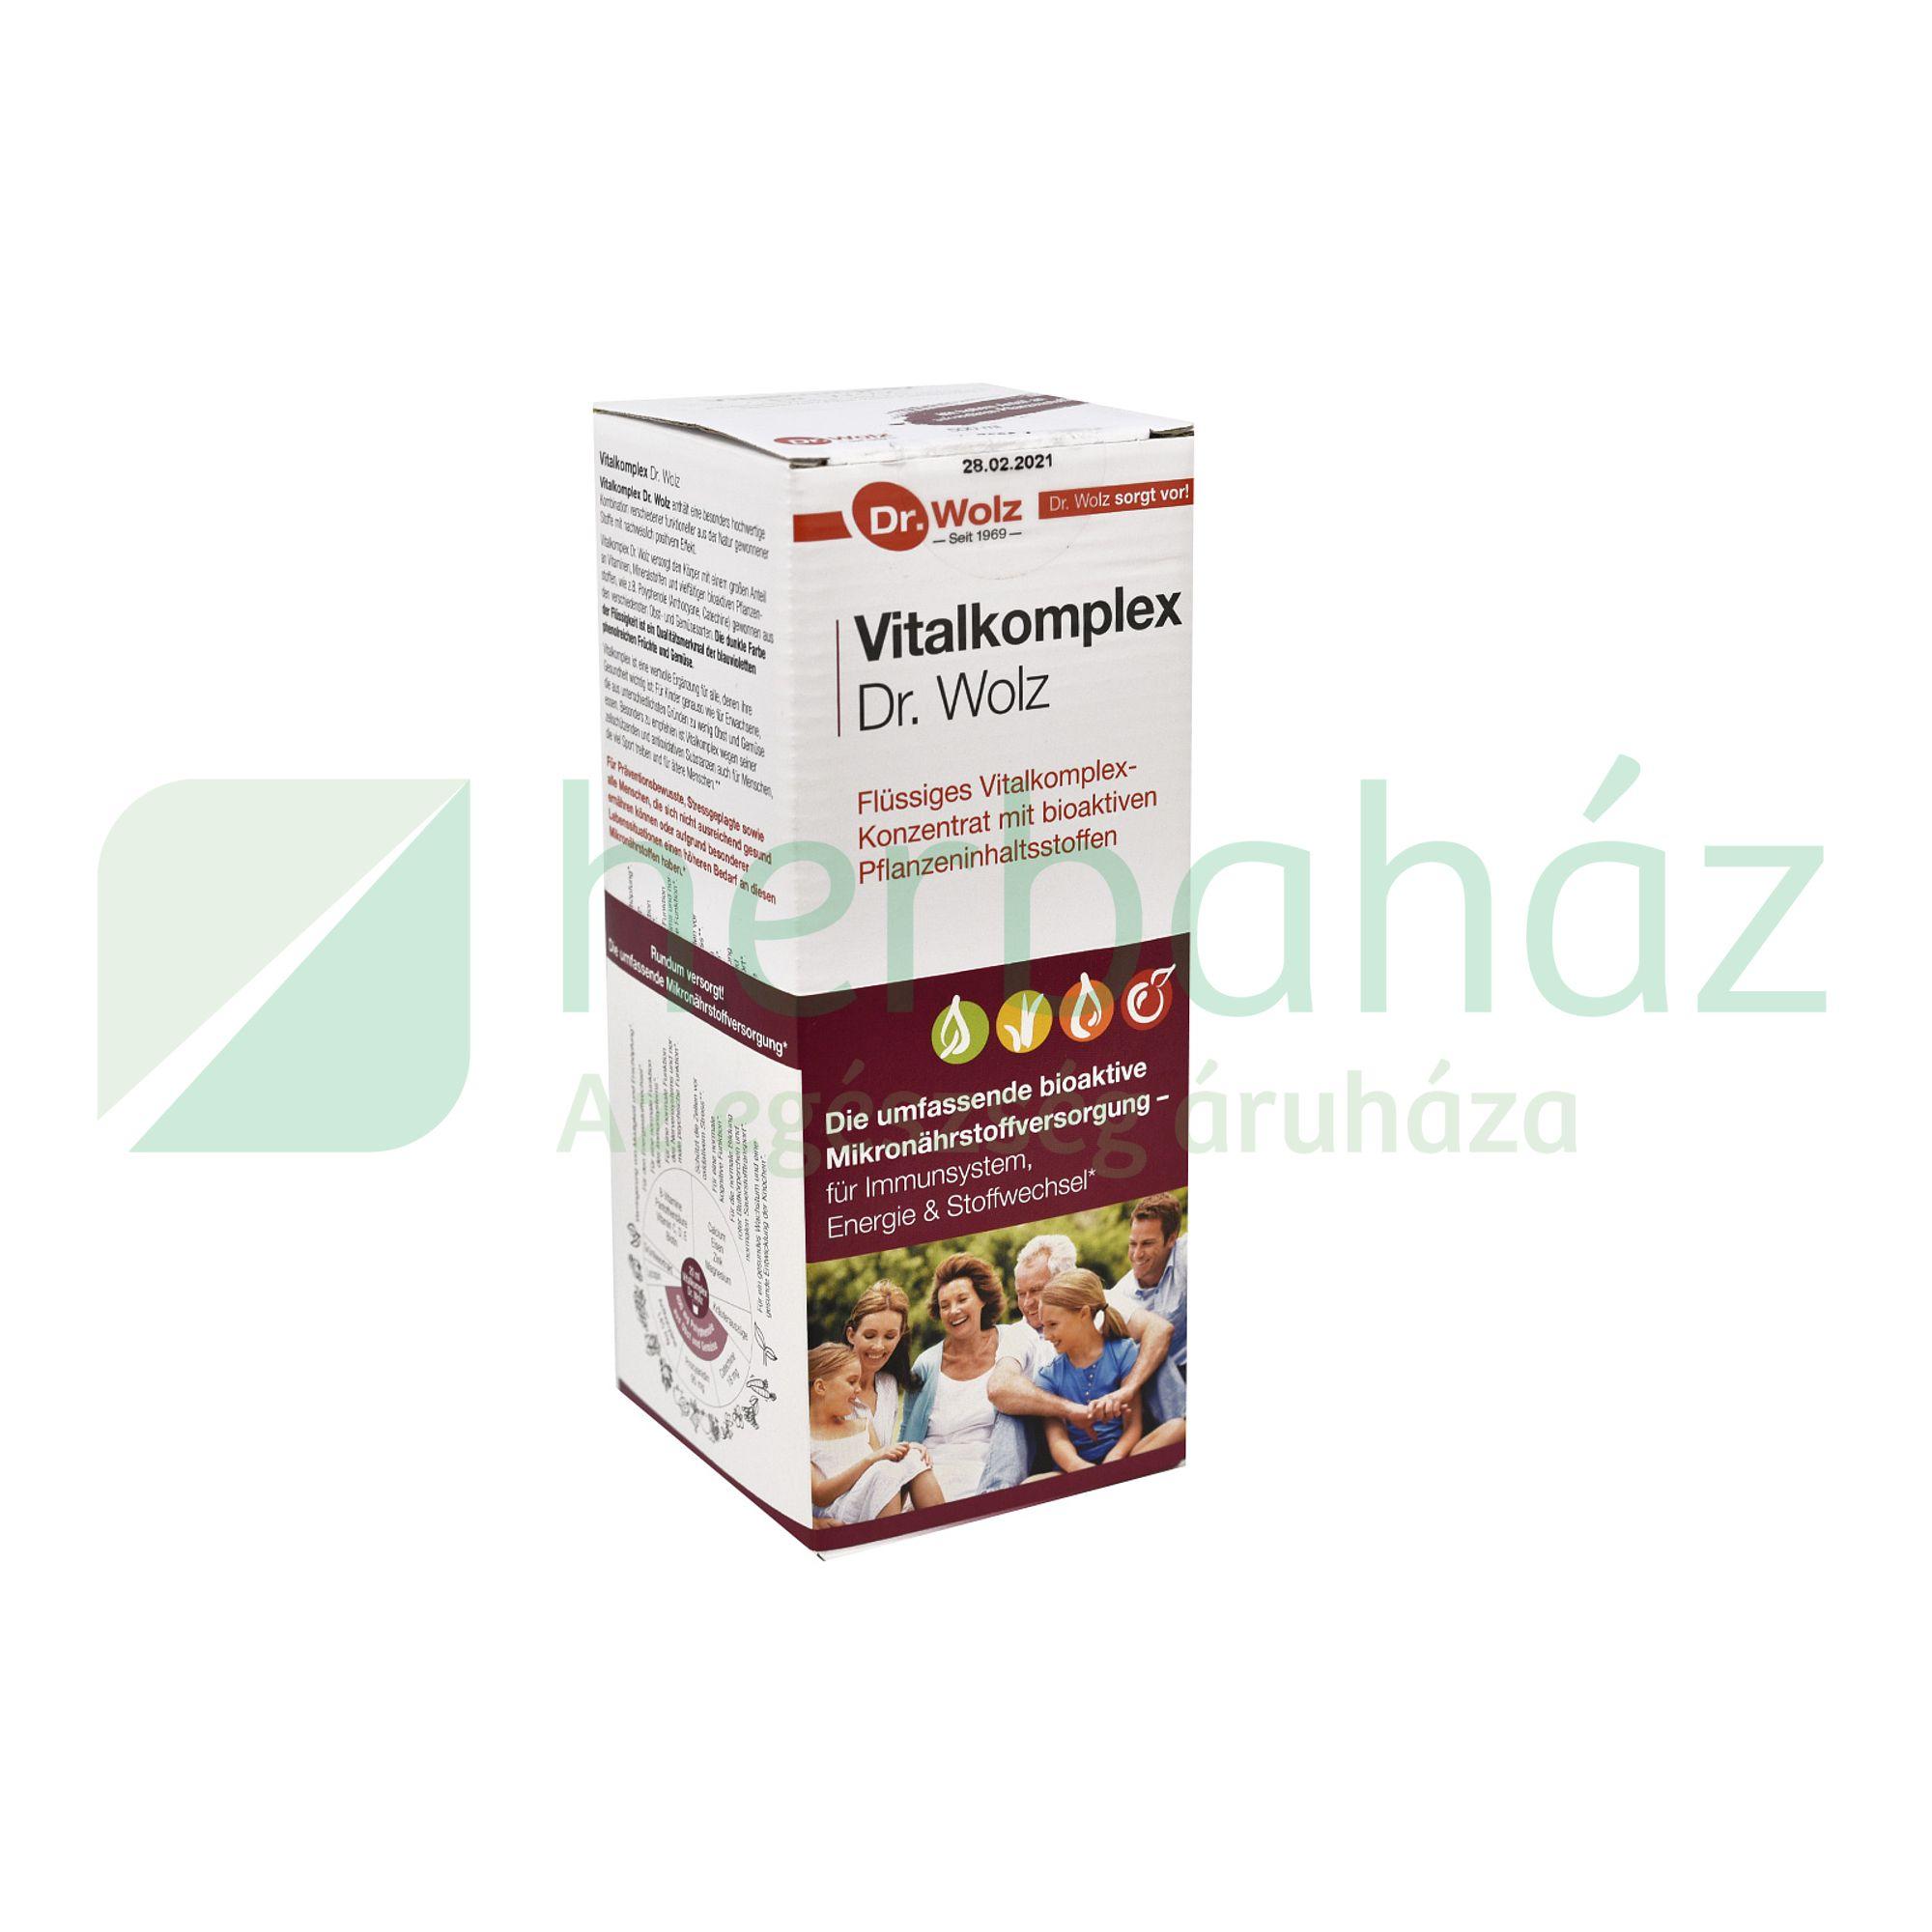 DR. WOLZ VITALKOMPLEX 500ML